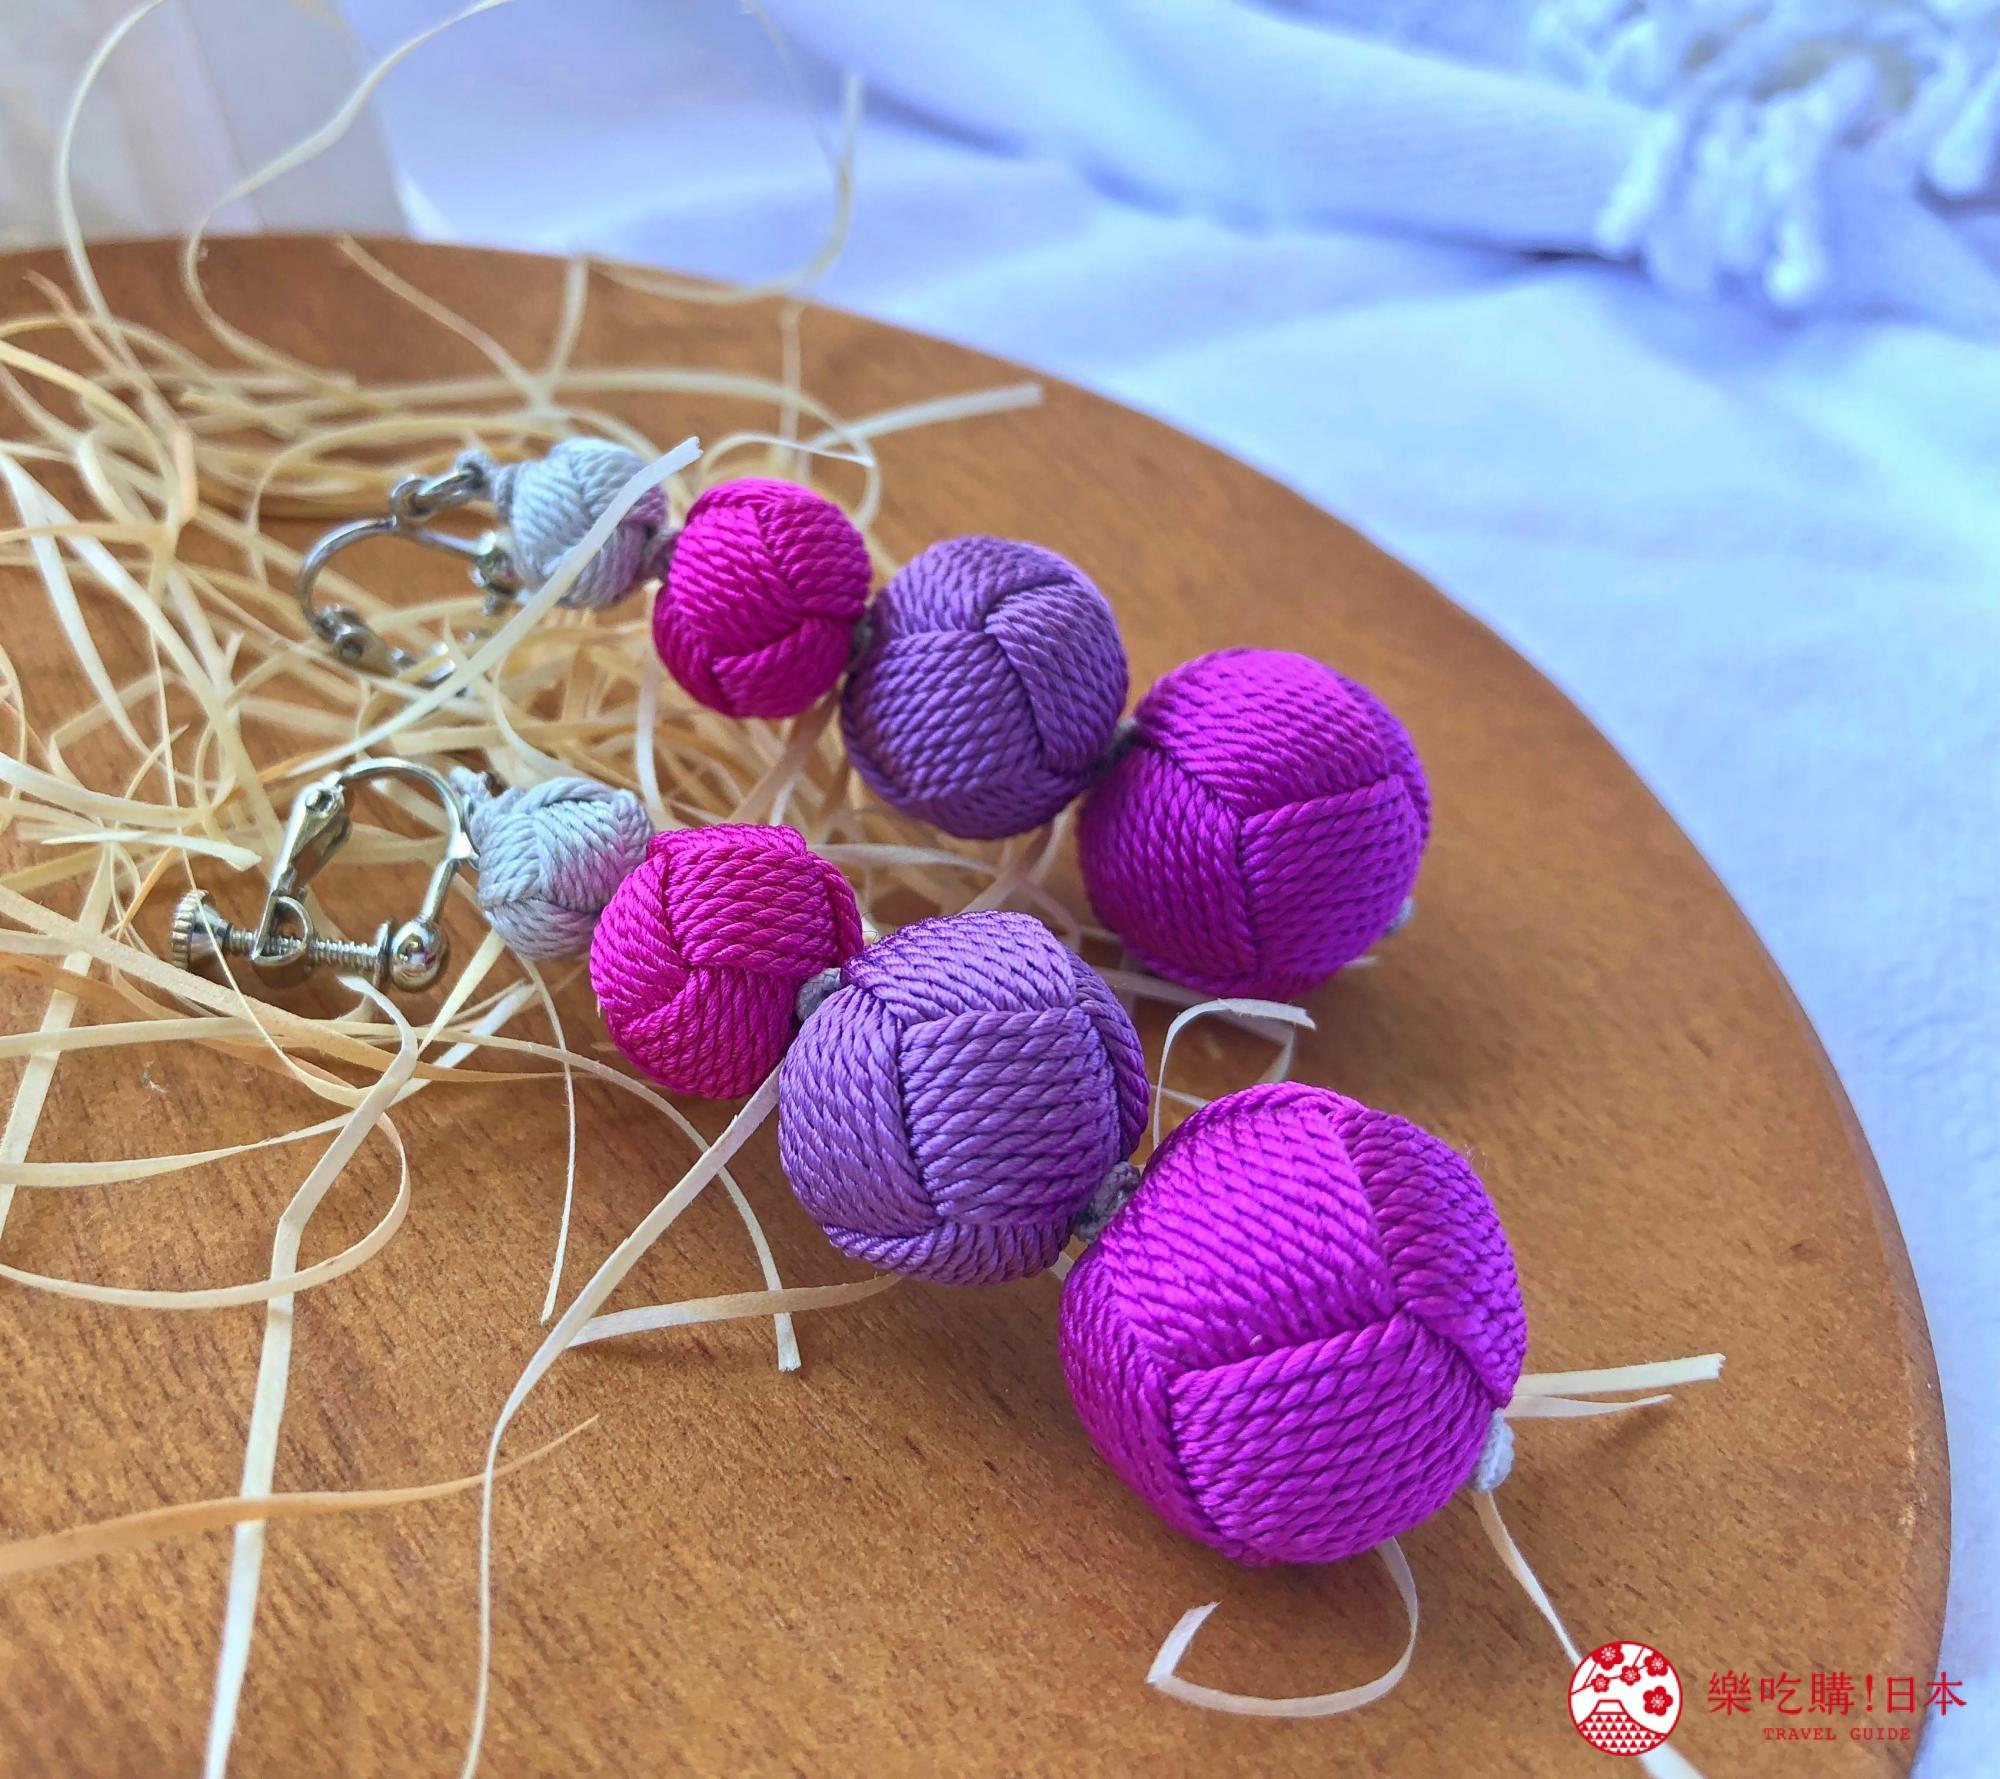 日本樂桃人氣原創設計商品的組紐編繩夾式耳環成串款近照